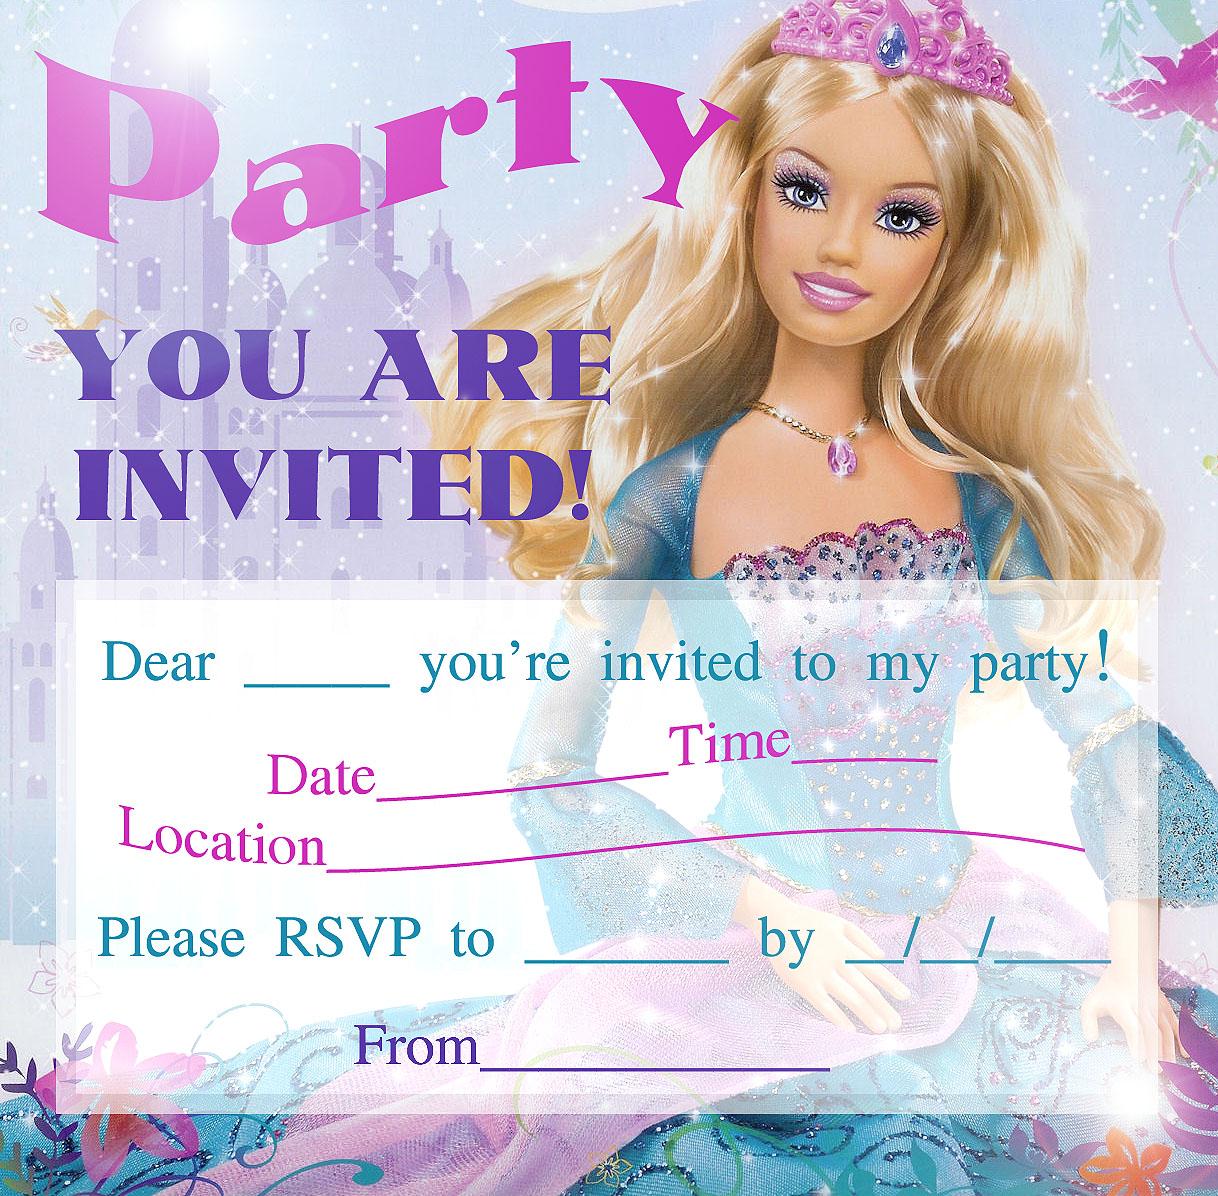 Halloween Party Invites Free | andrewraygorman.info